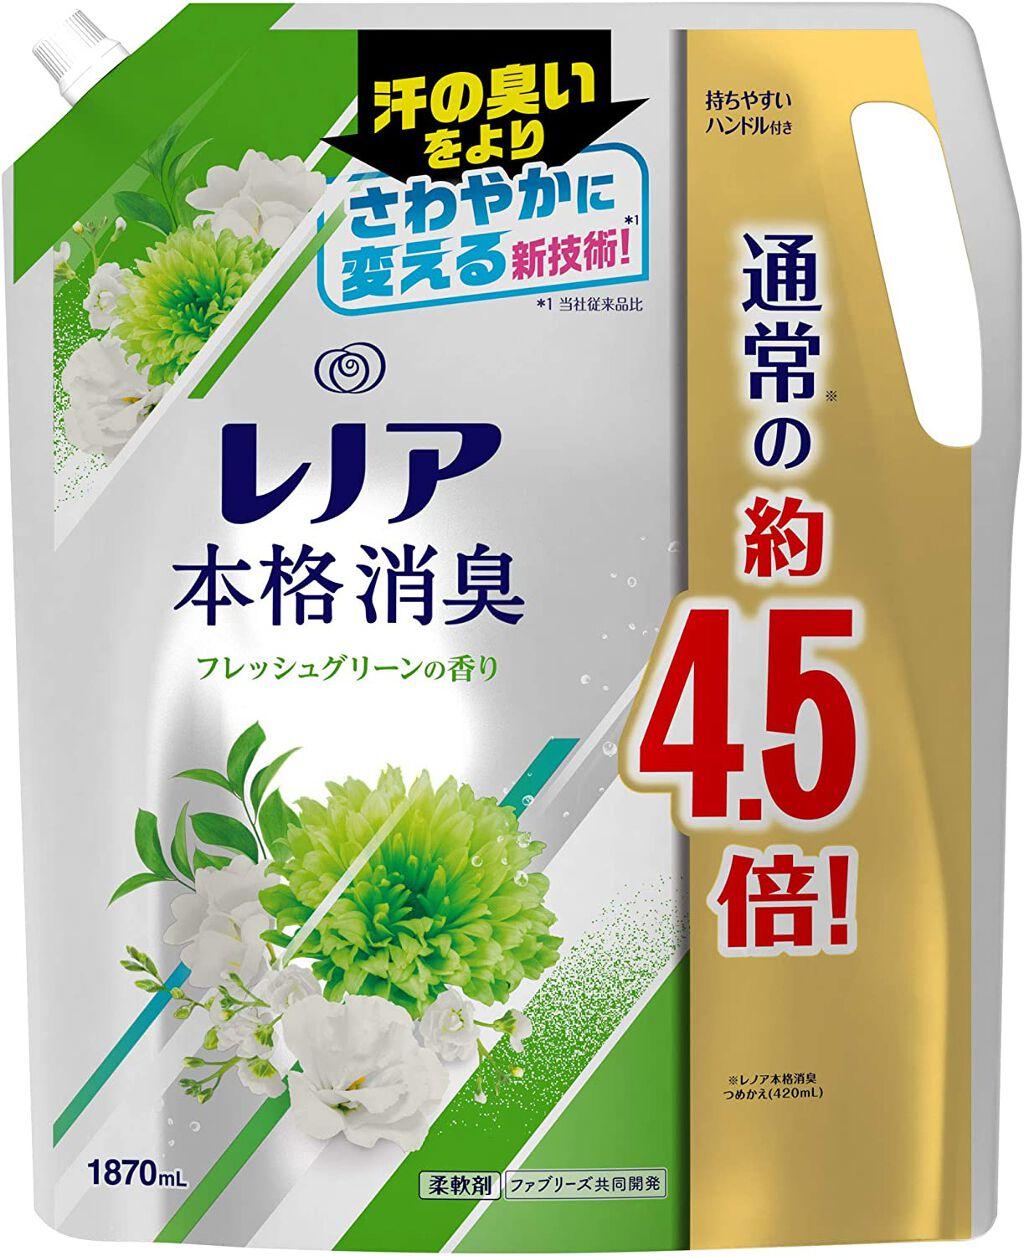 レノア本格消臭 フレッシュグリーンの香り 1870ml